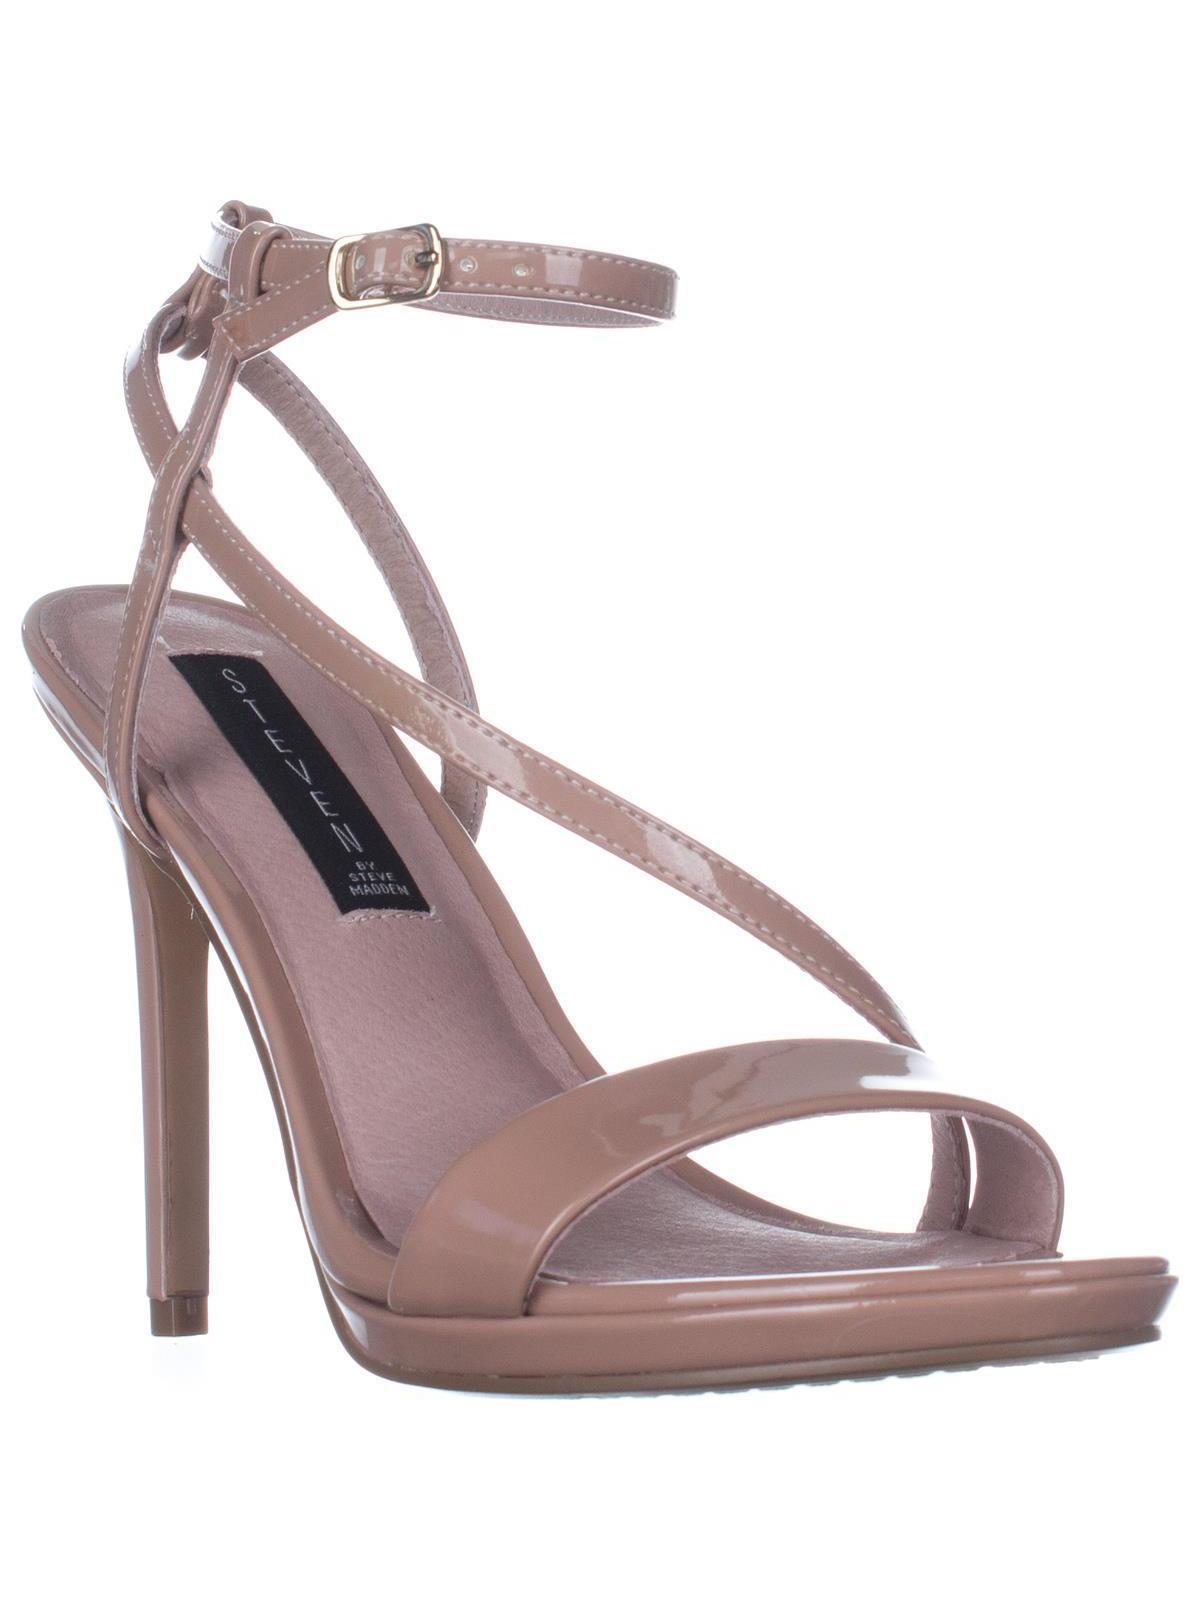 20fe10b0a60 STEVEN Steve Madden Rees Ankle Strap Dress Sandals